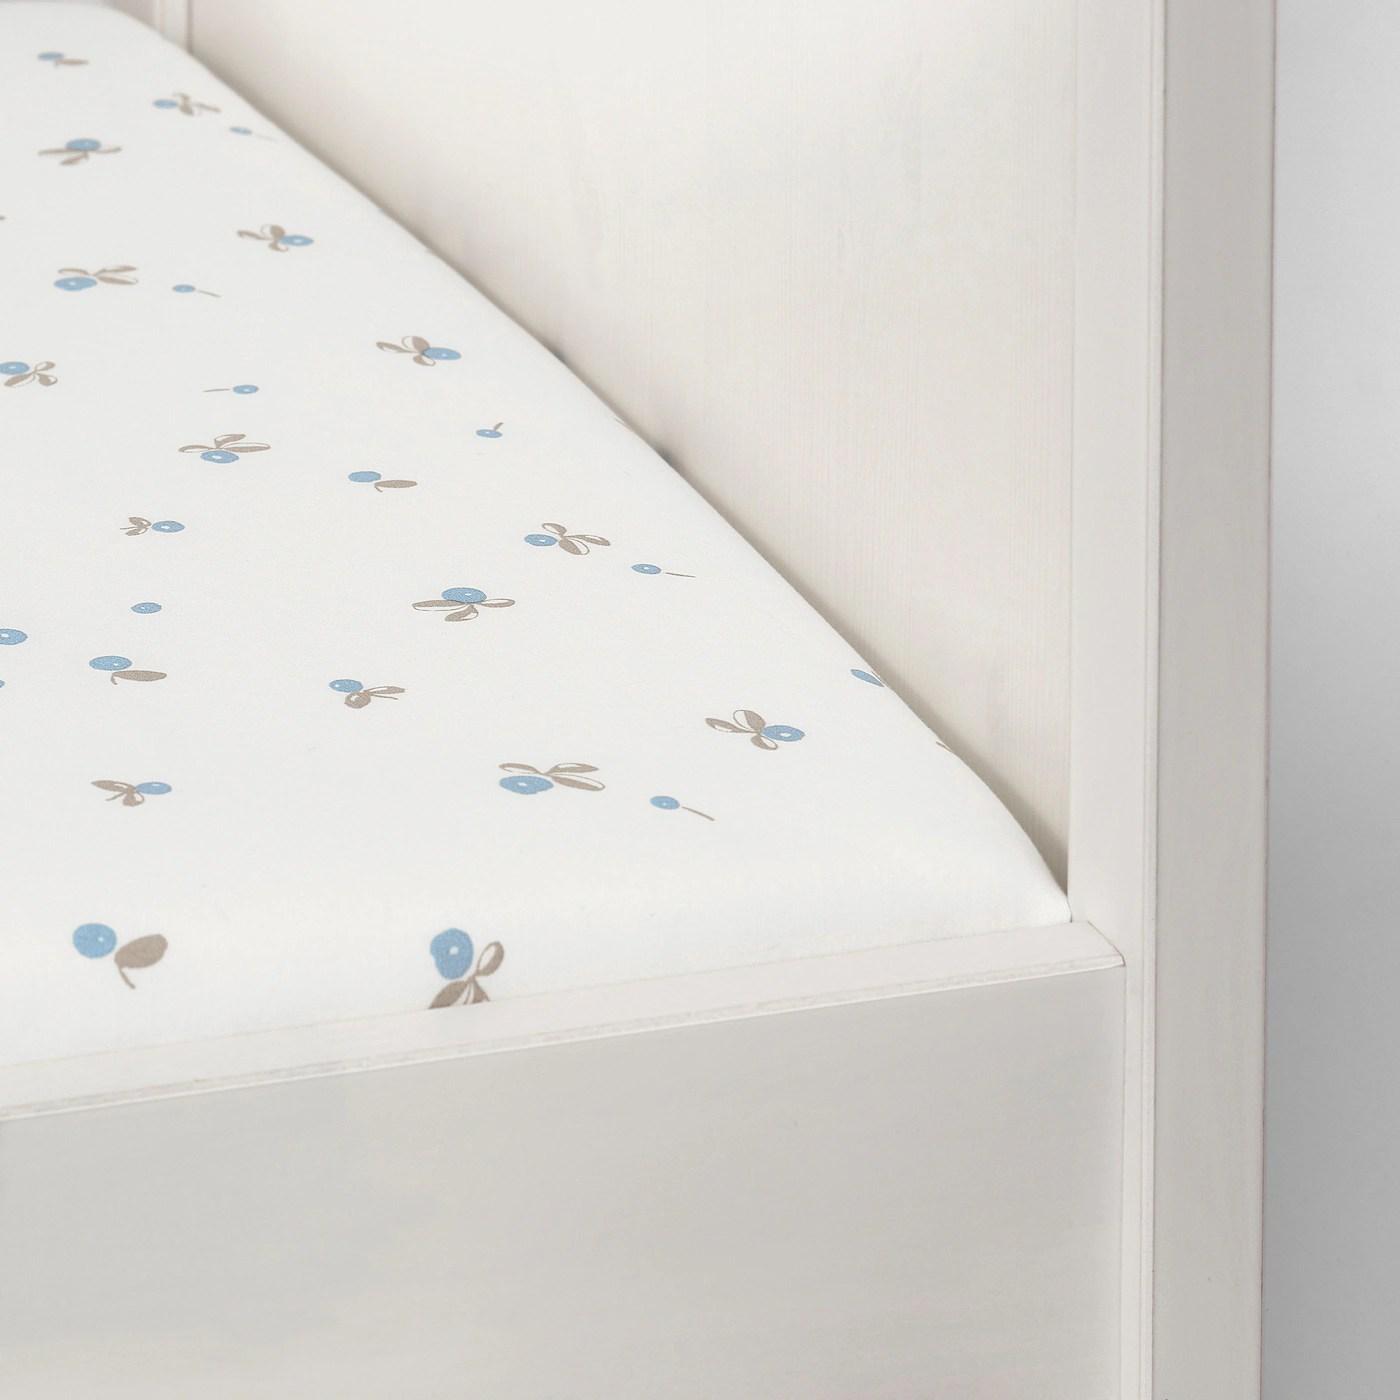 Rodhake Drap Housse Pour Lit Bebe Blanc Motif Myrtilles 60x120 Cm Ikea